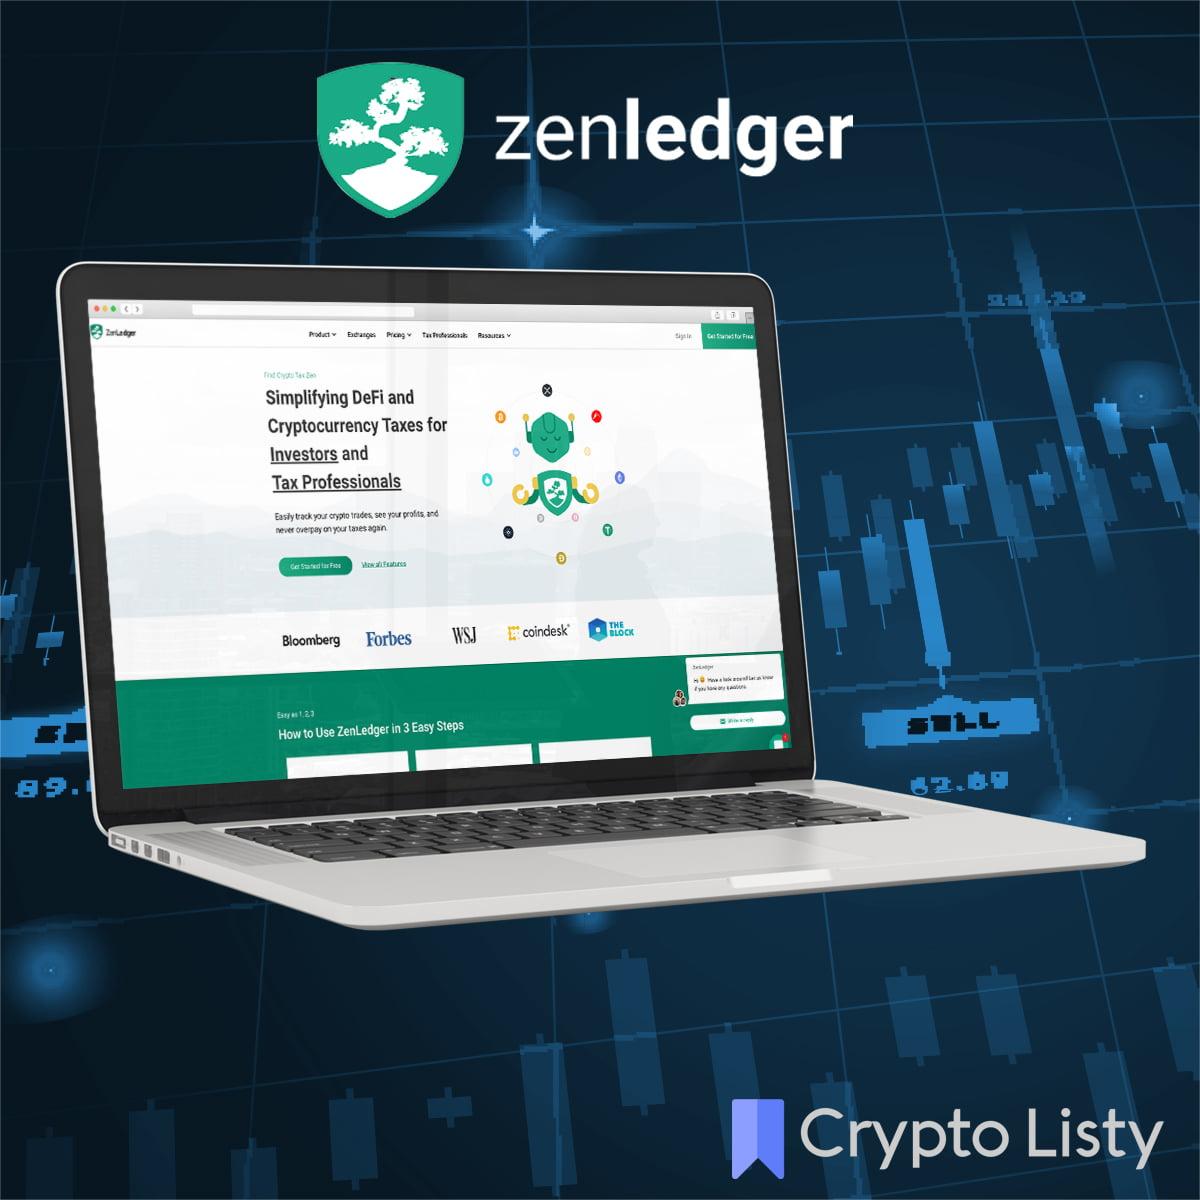 ZenLedger webiste